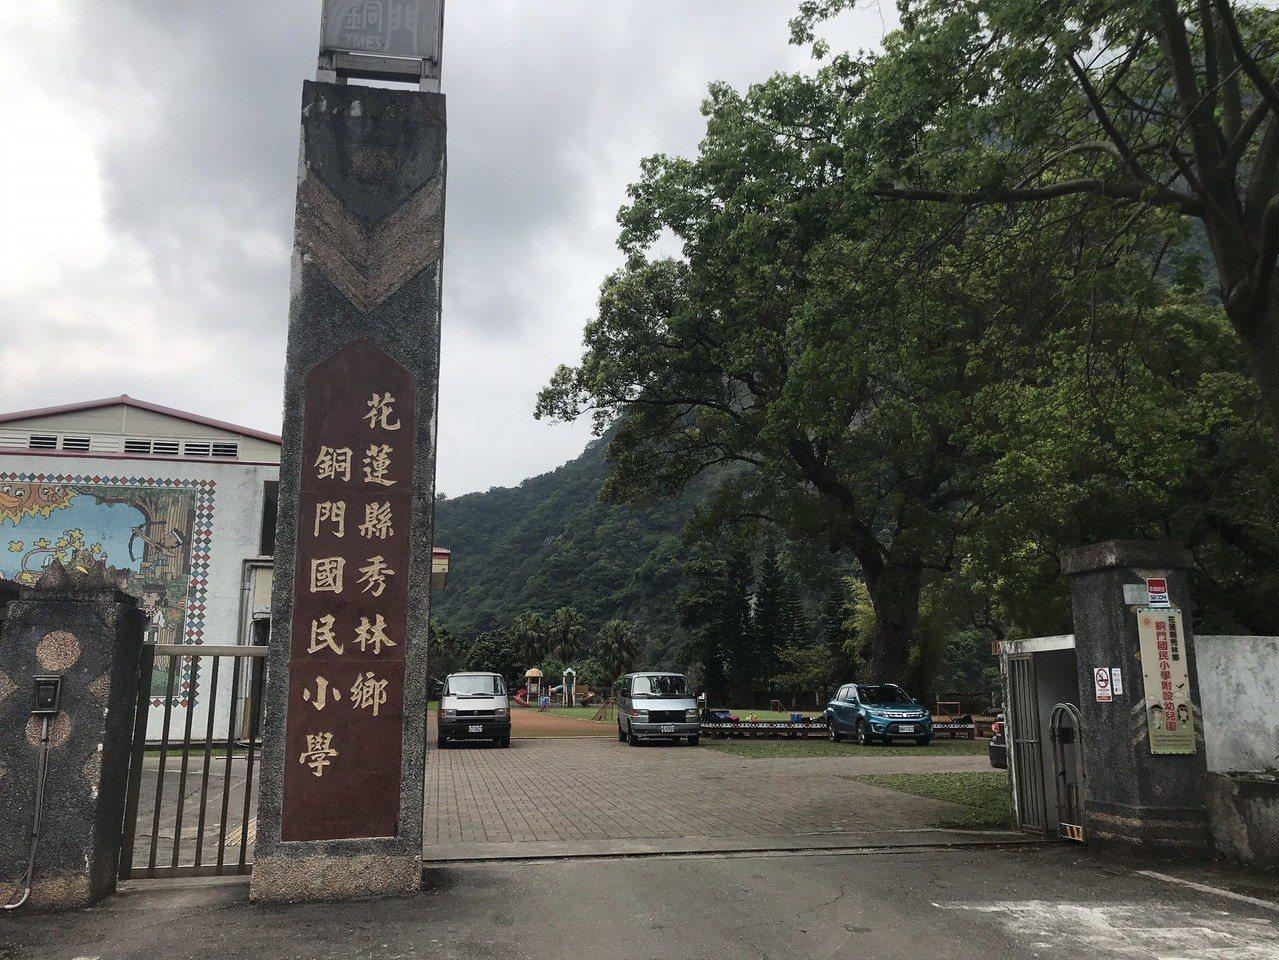 花蓮秀林鄉銅門國小位於震央,震度達7級。記者王燕華/攝影